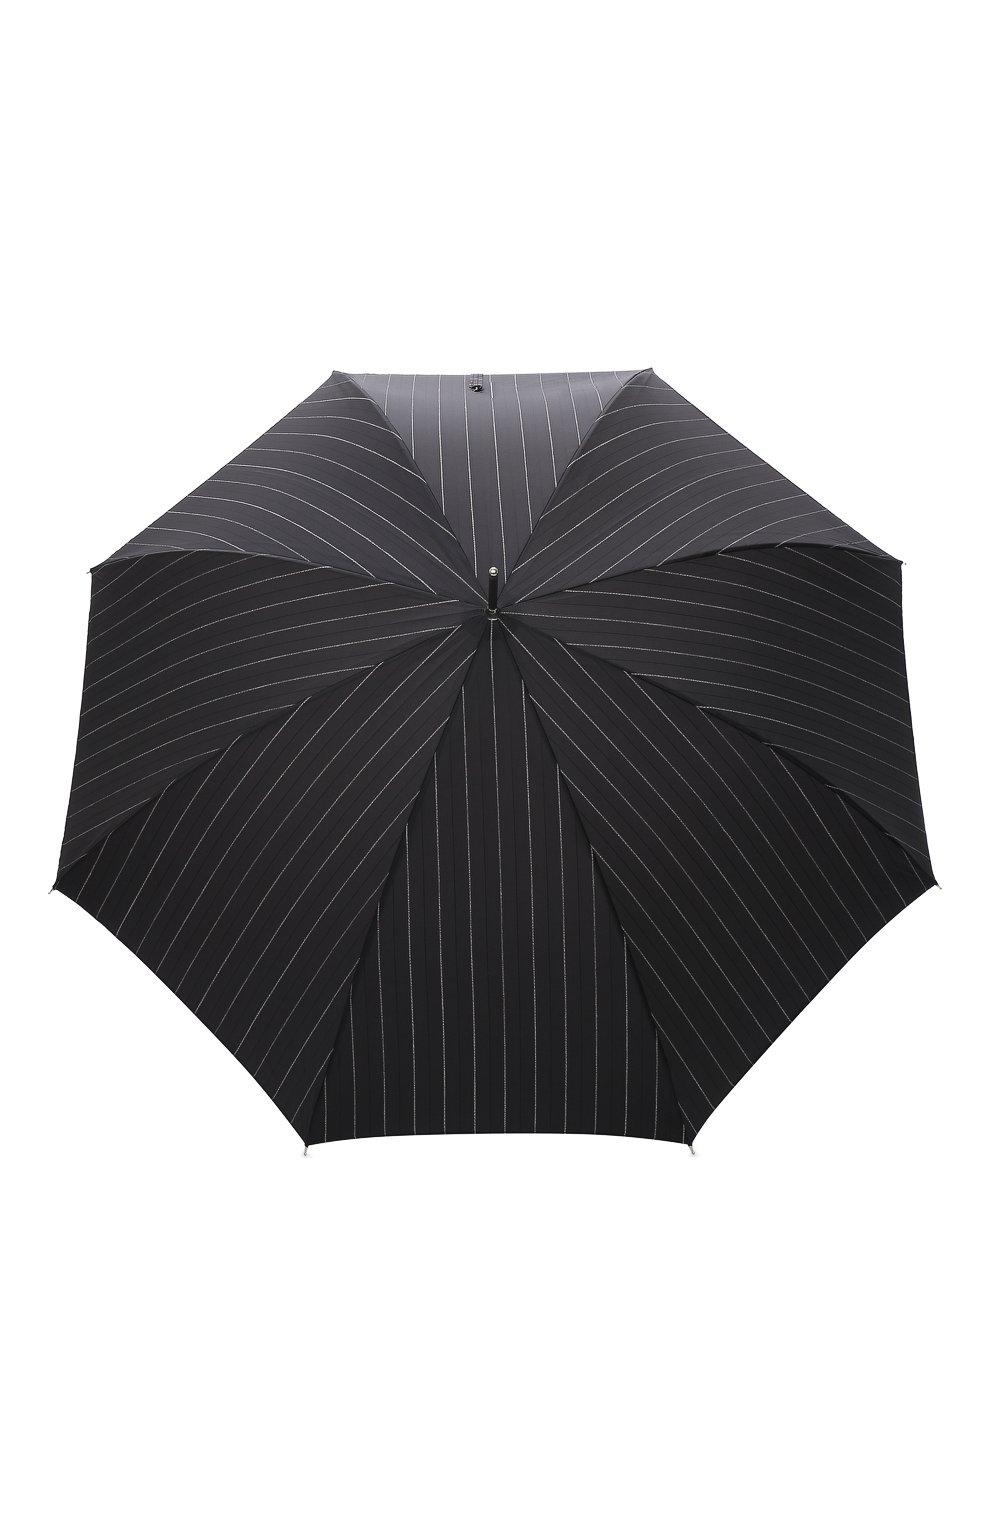 Мужской зонт-трость PASOTTI OMBRELLI черного цвета, арт. 478/RAS0 1094/1/M31 | Фото 1 (Материал: Текстиль, Синтетический материал, Металл)